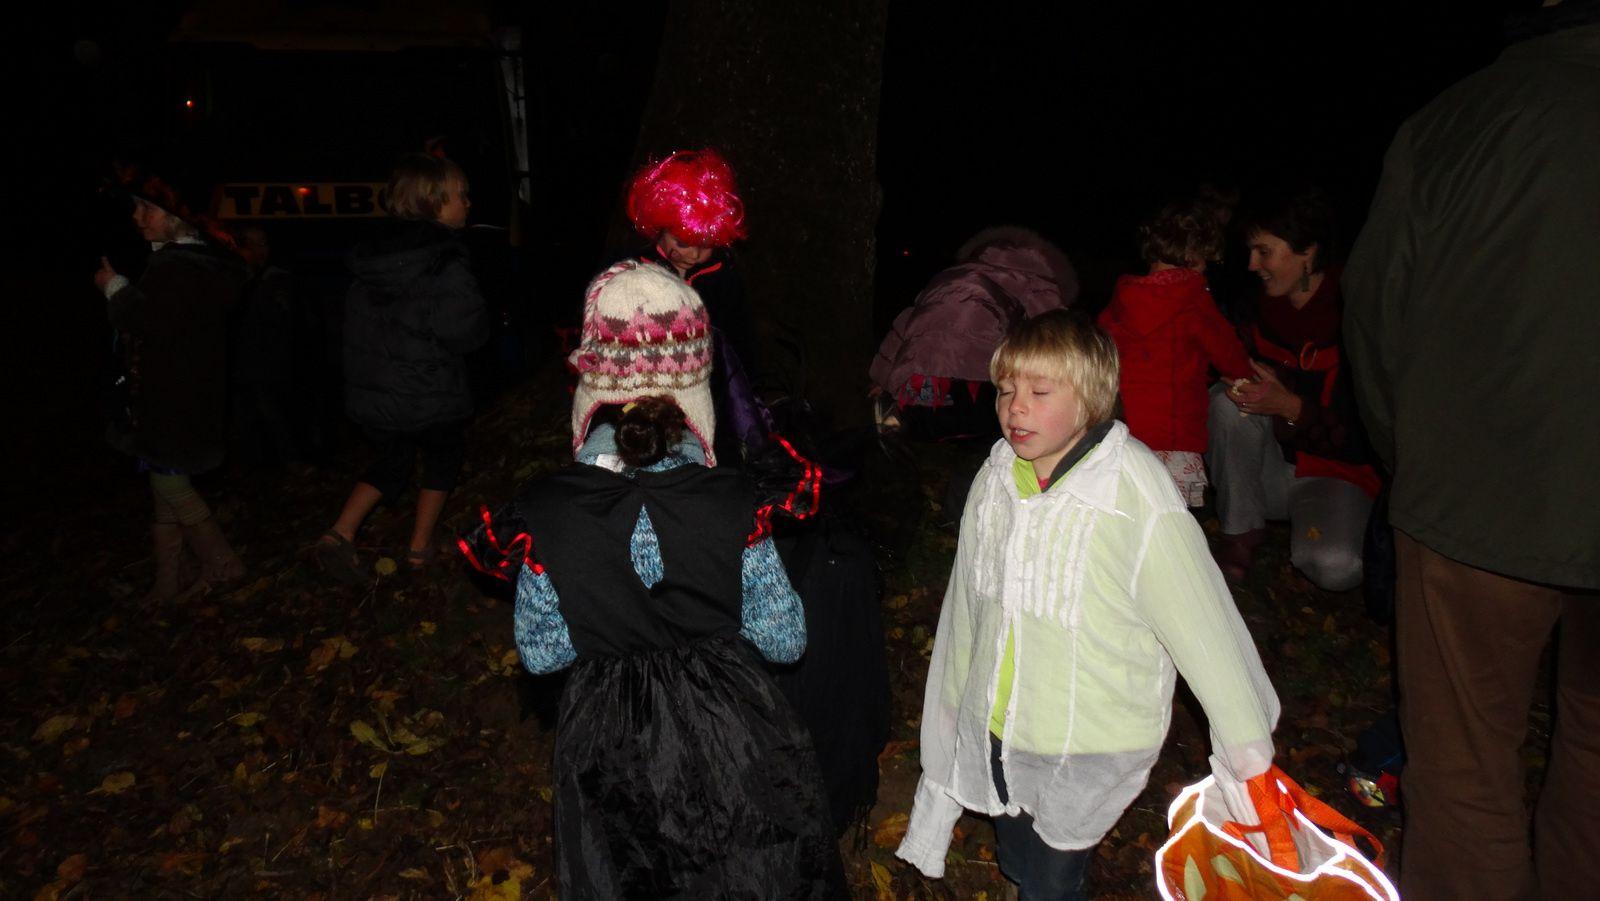 Promenade et souper &quot&#x3B;Halloween&quot&#x3B; du 30/10/2015